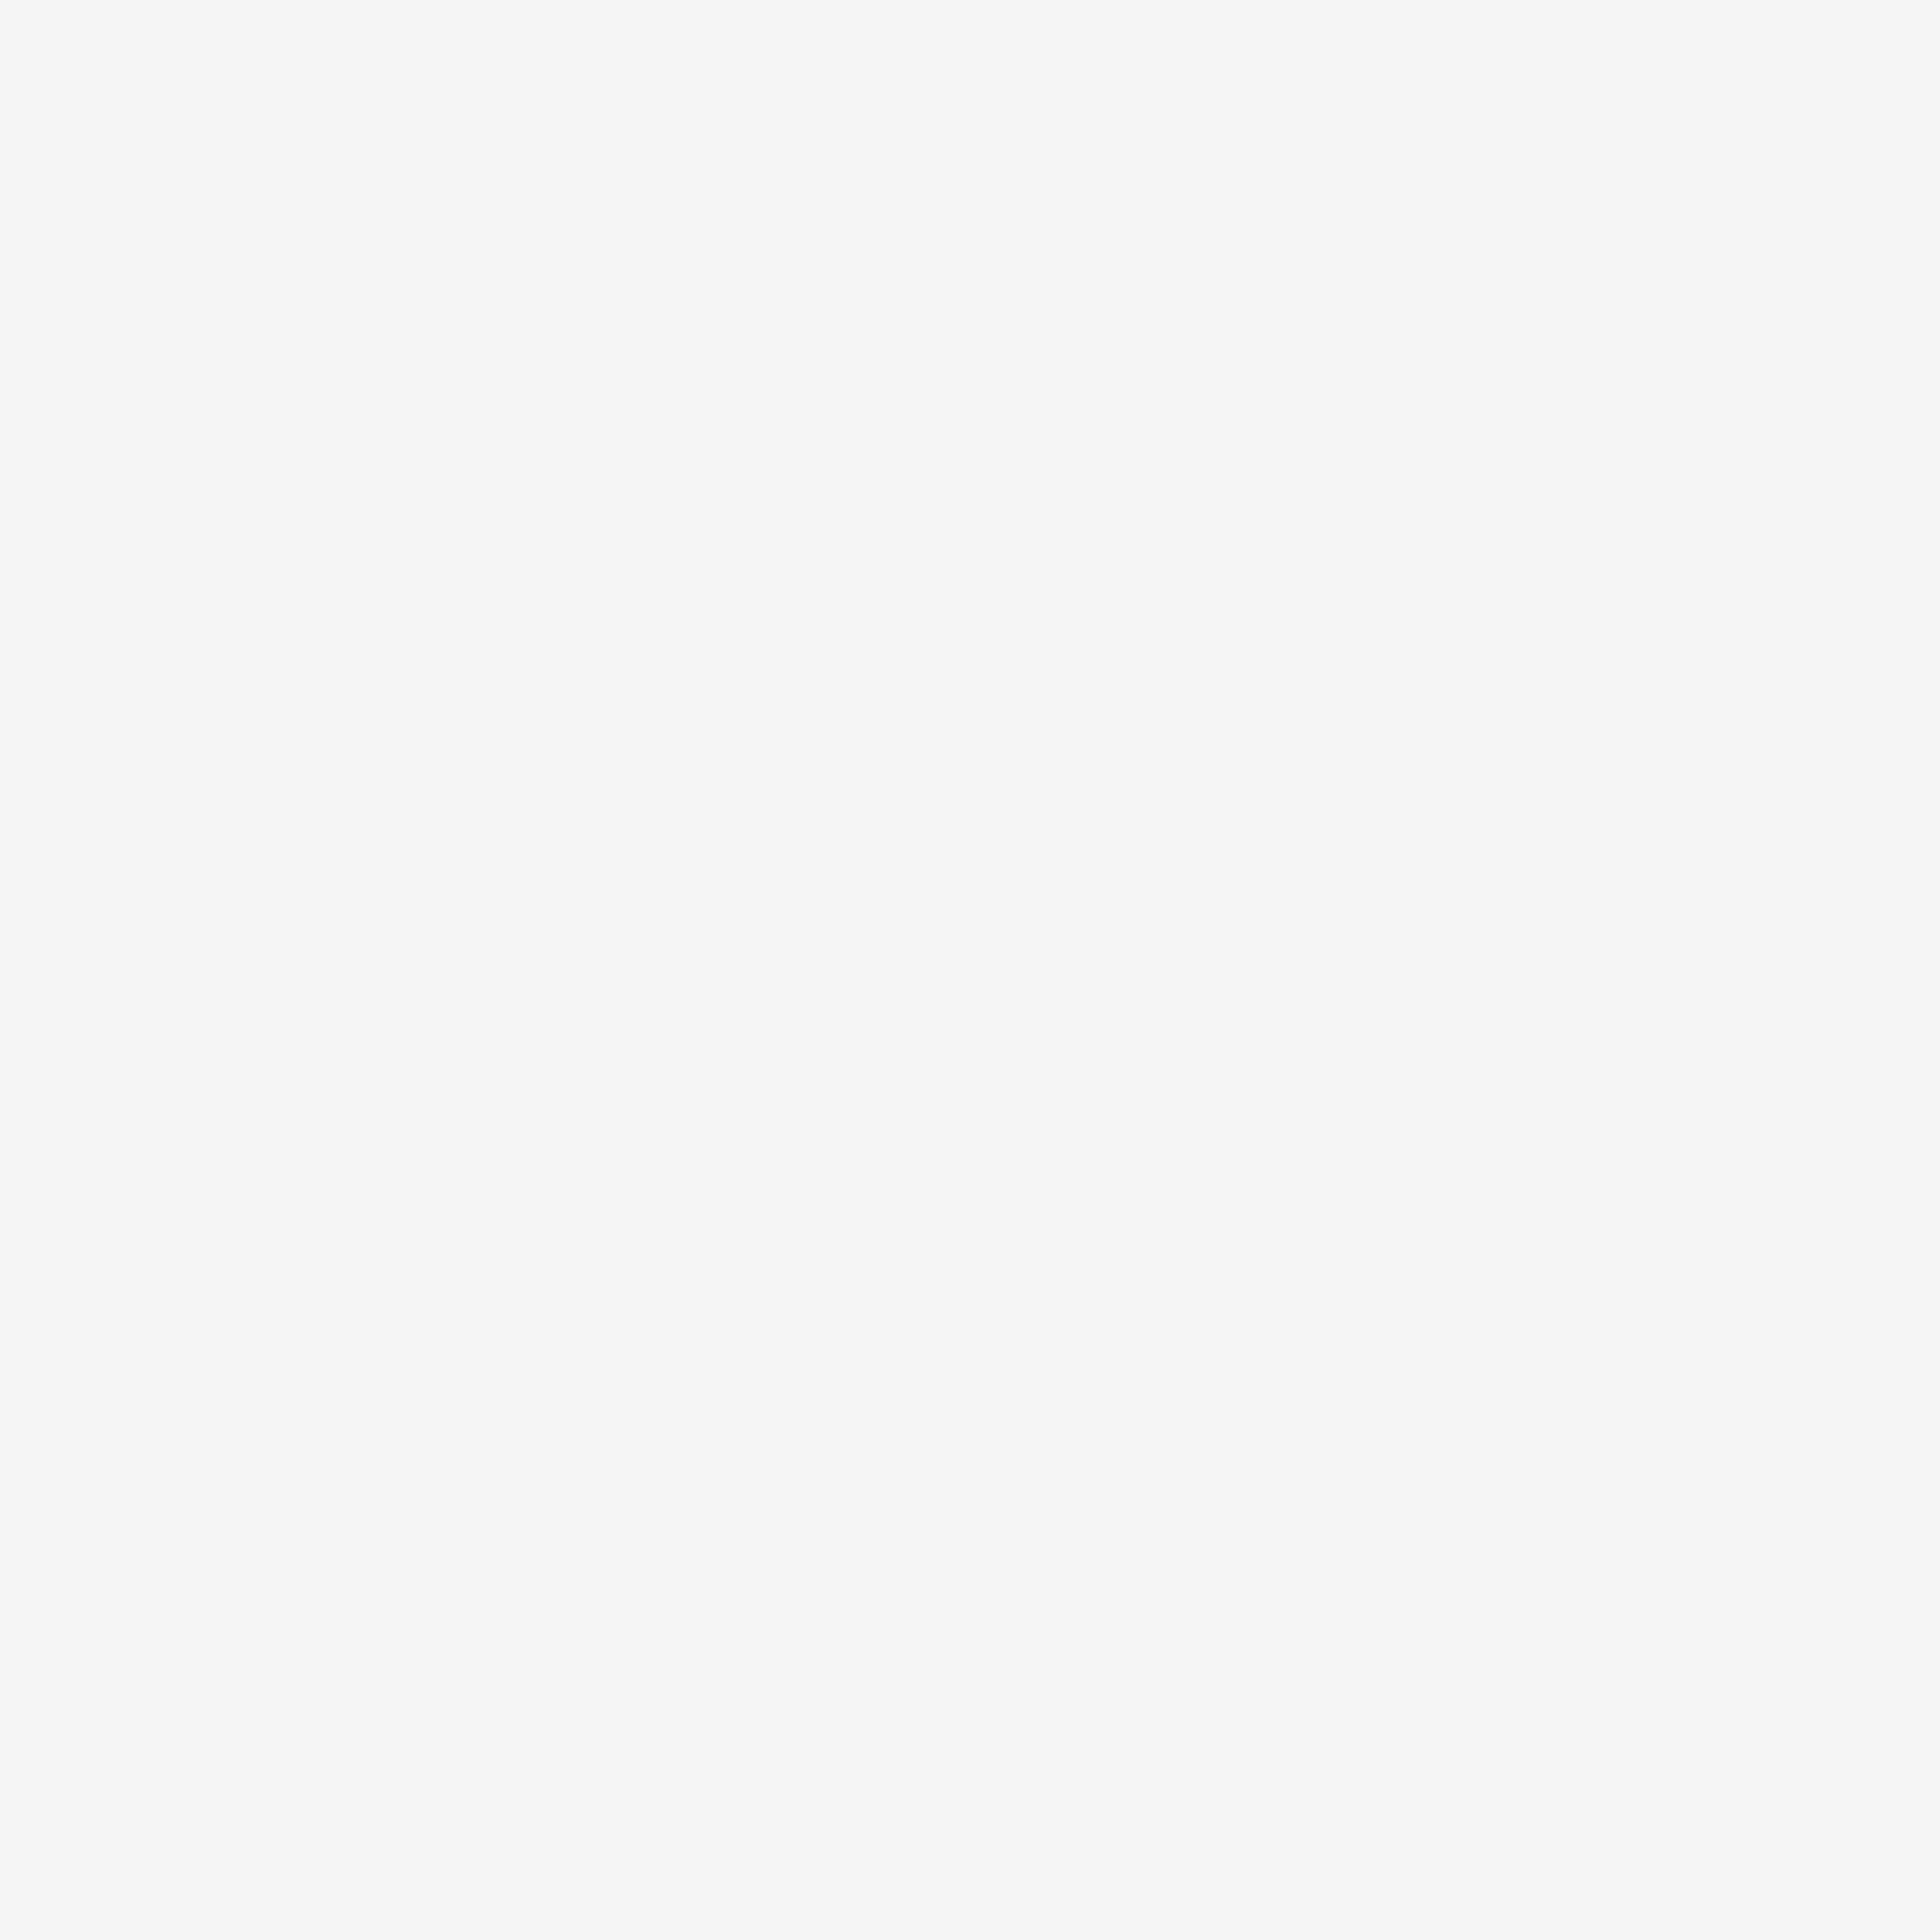 Zwembroek Heren Intersport.Nike Swim Rift Vital Volley Zwemshort Zwemshorts Bad Beach